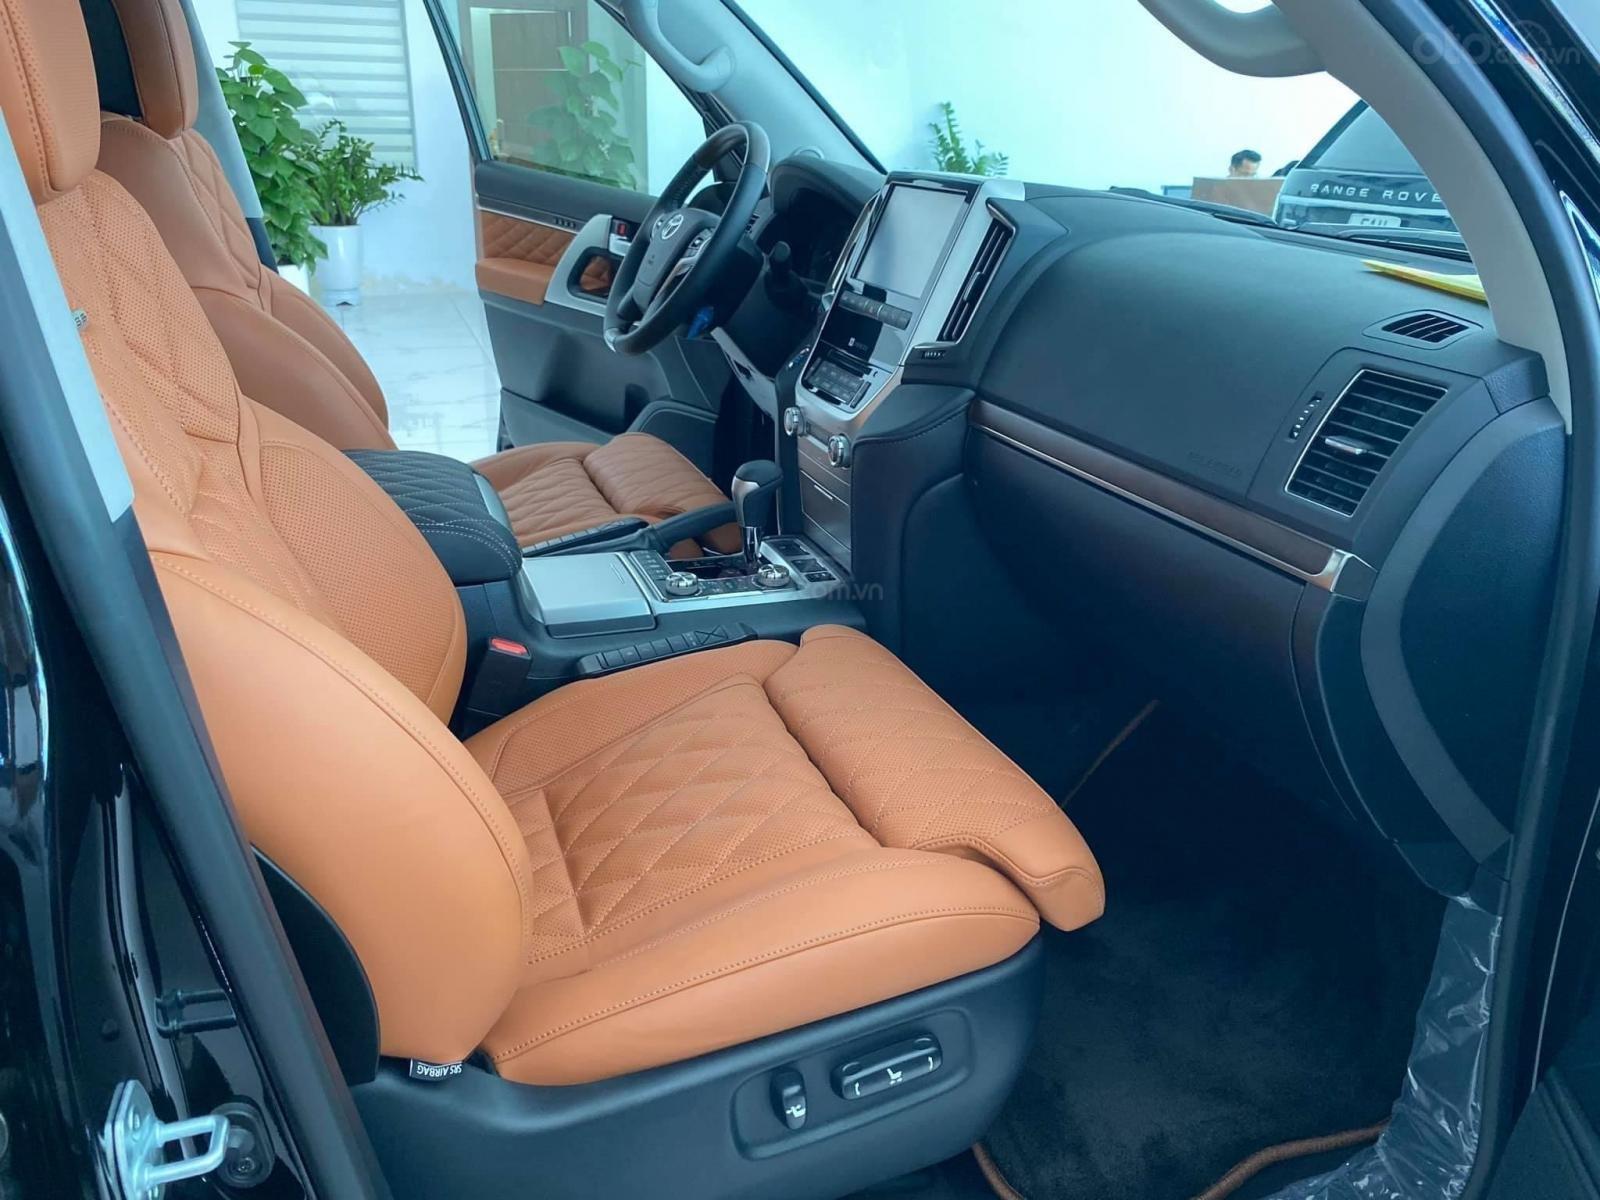 Bán Toyota Land Cruise MBS 5.7,4 ghế thương gia siêu vip, sản xuất 2020, xe giao ngay (7)